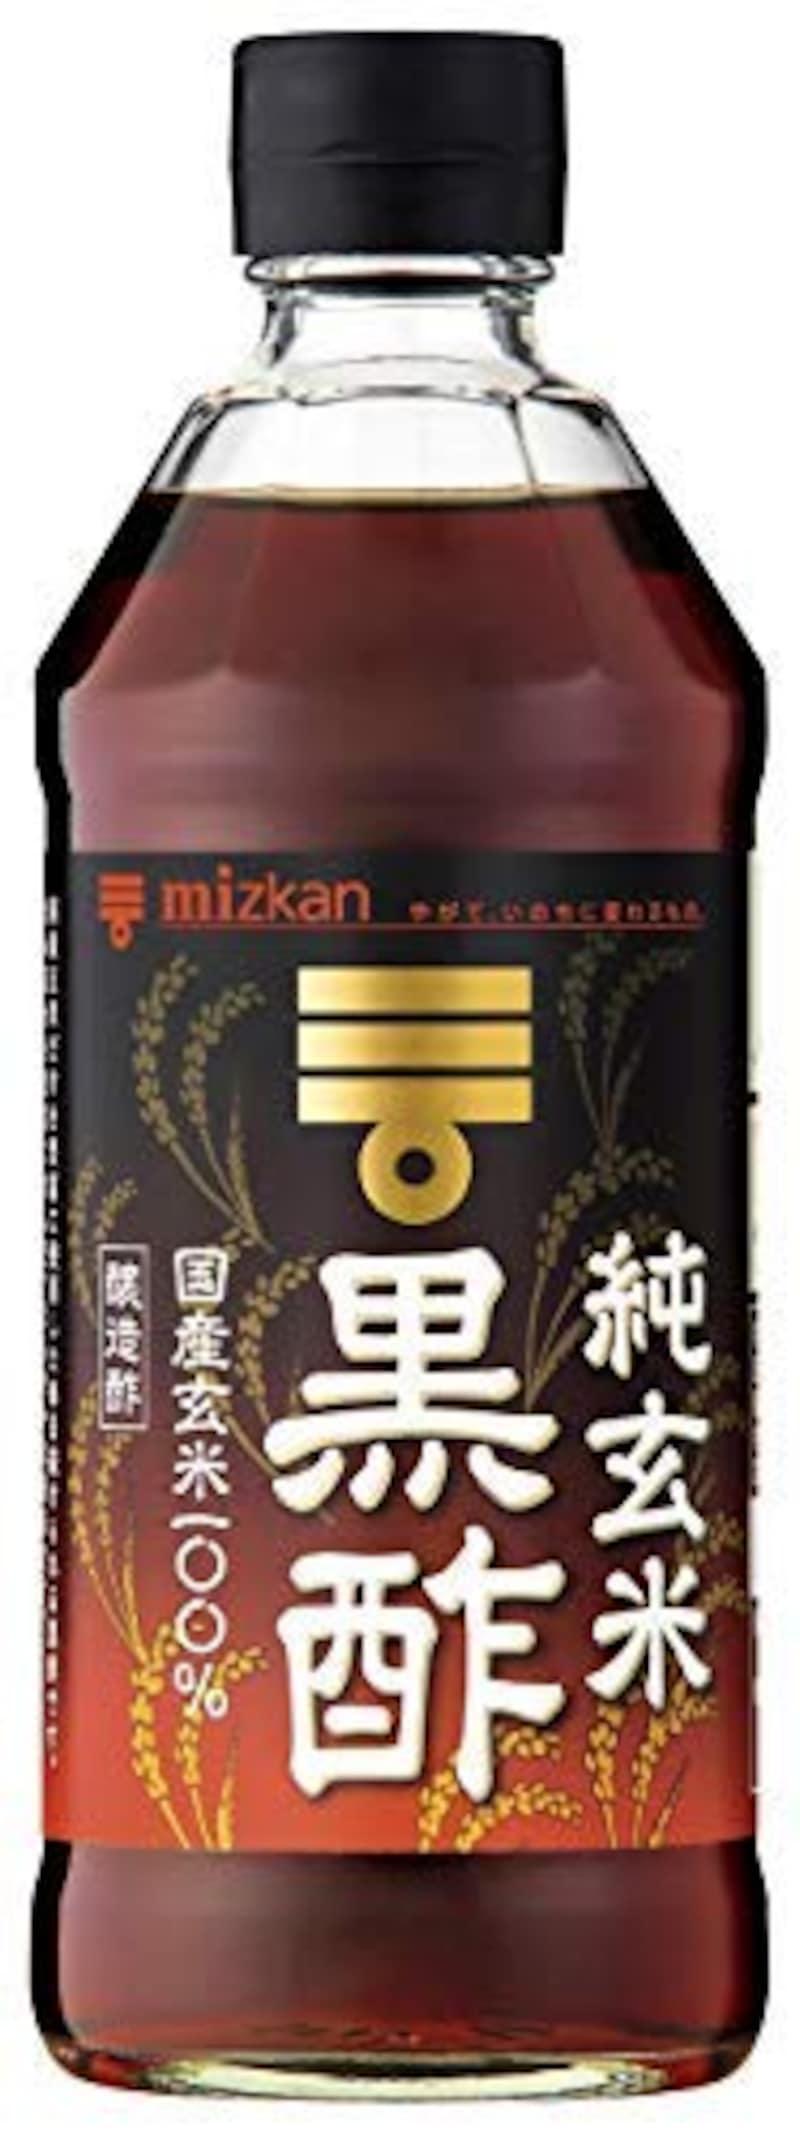 ミツカン,純玄米黒酢